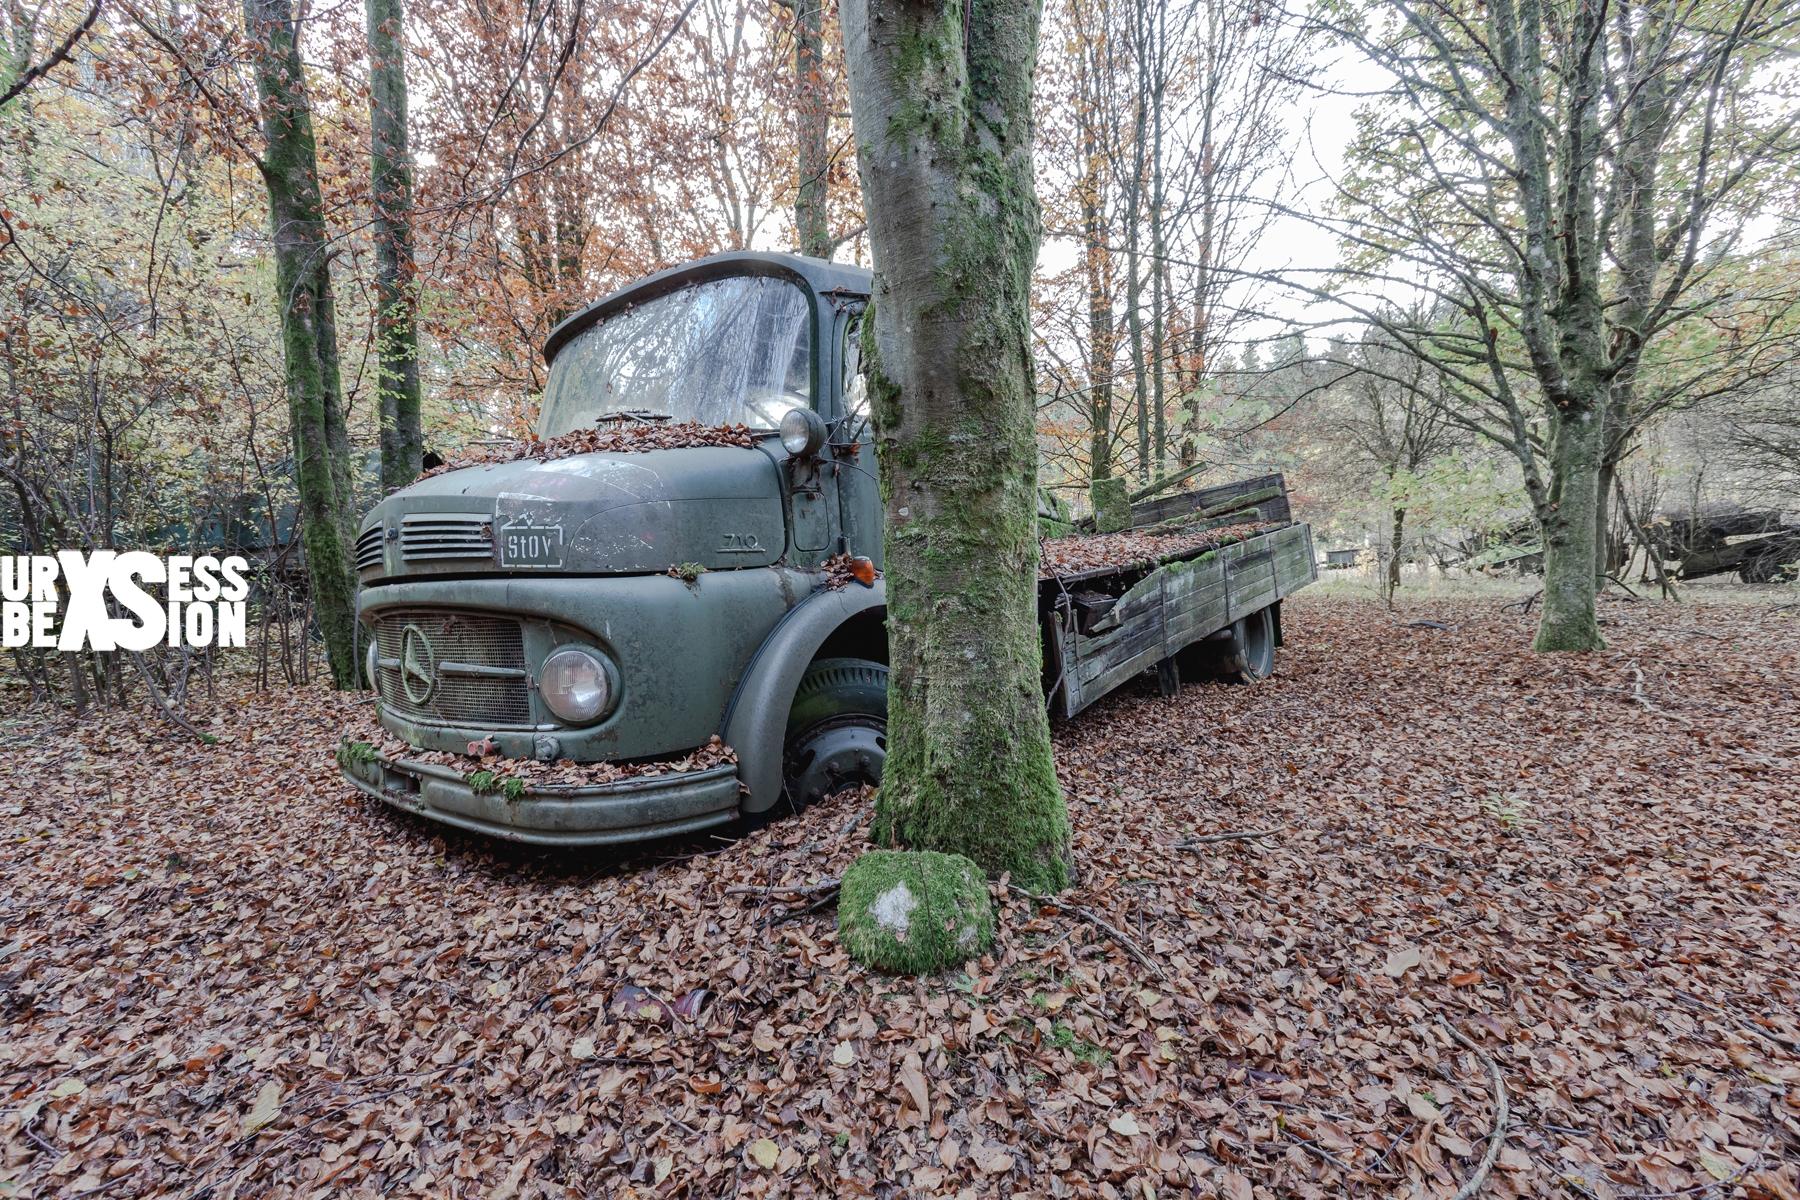 Cimetière de véhicules situé en Belgique : https://urbexsession.com/cimetiere-de-vehicules-fritzl